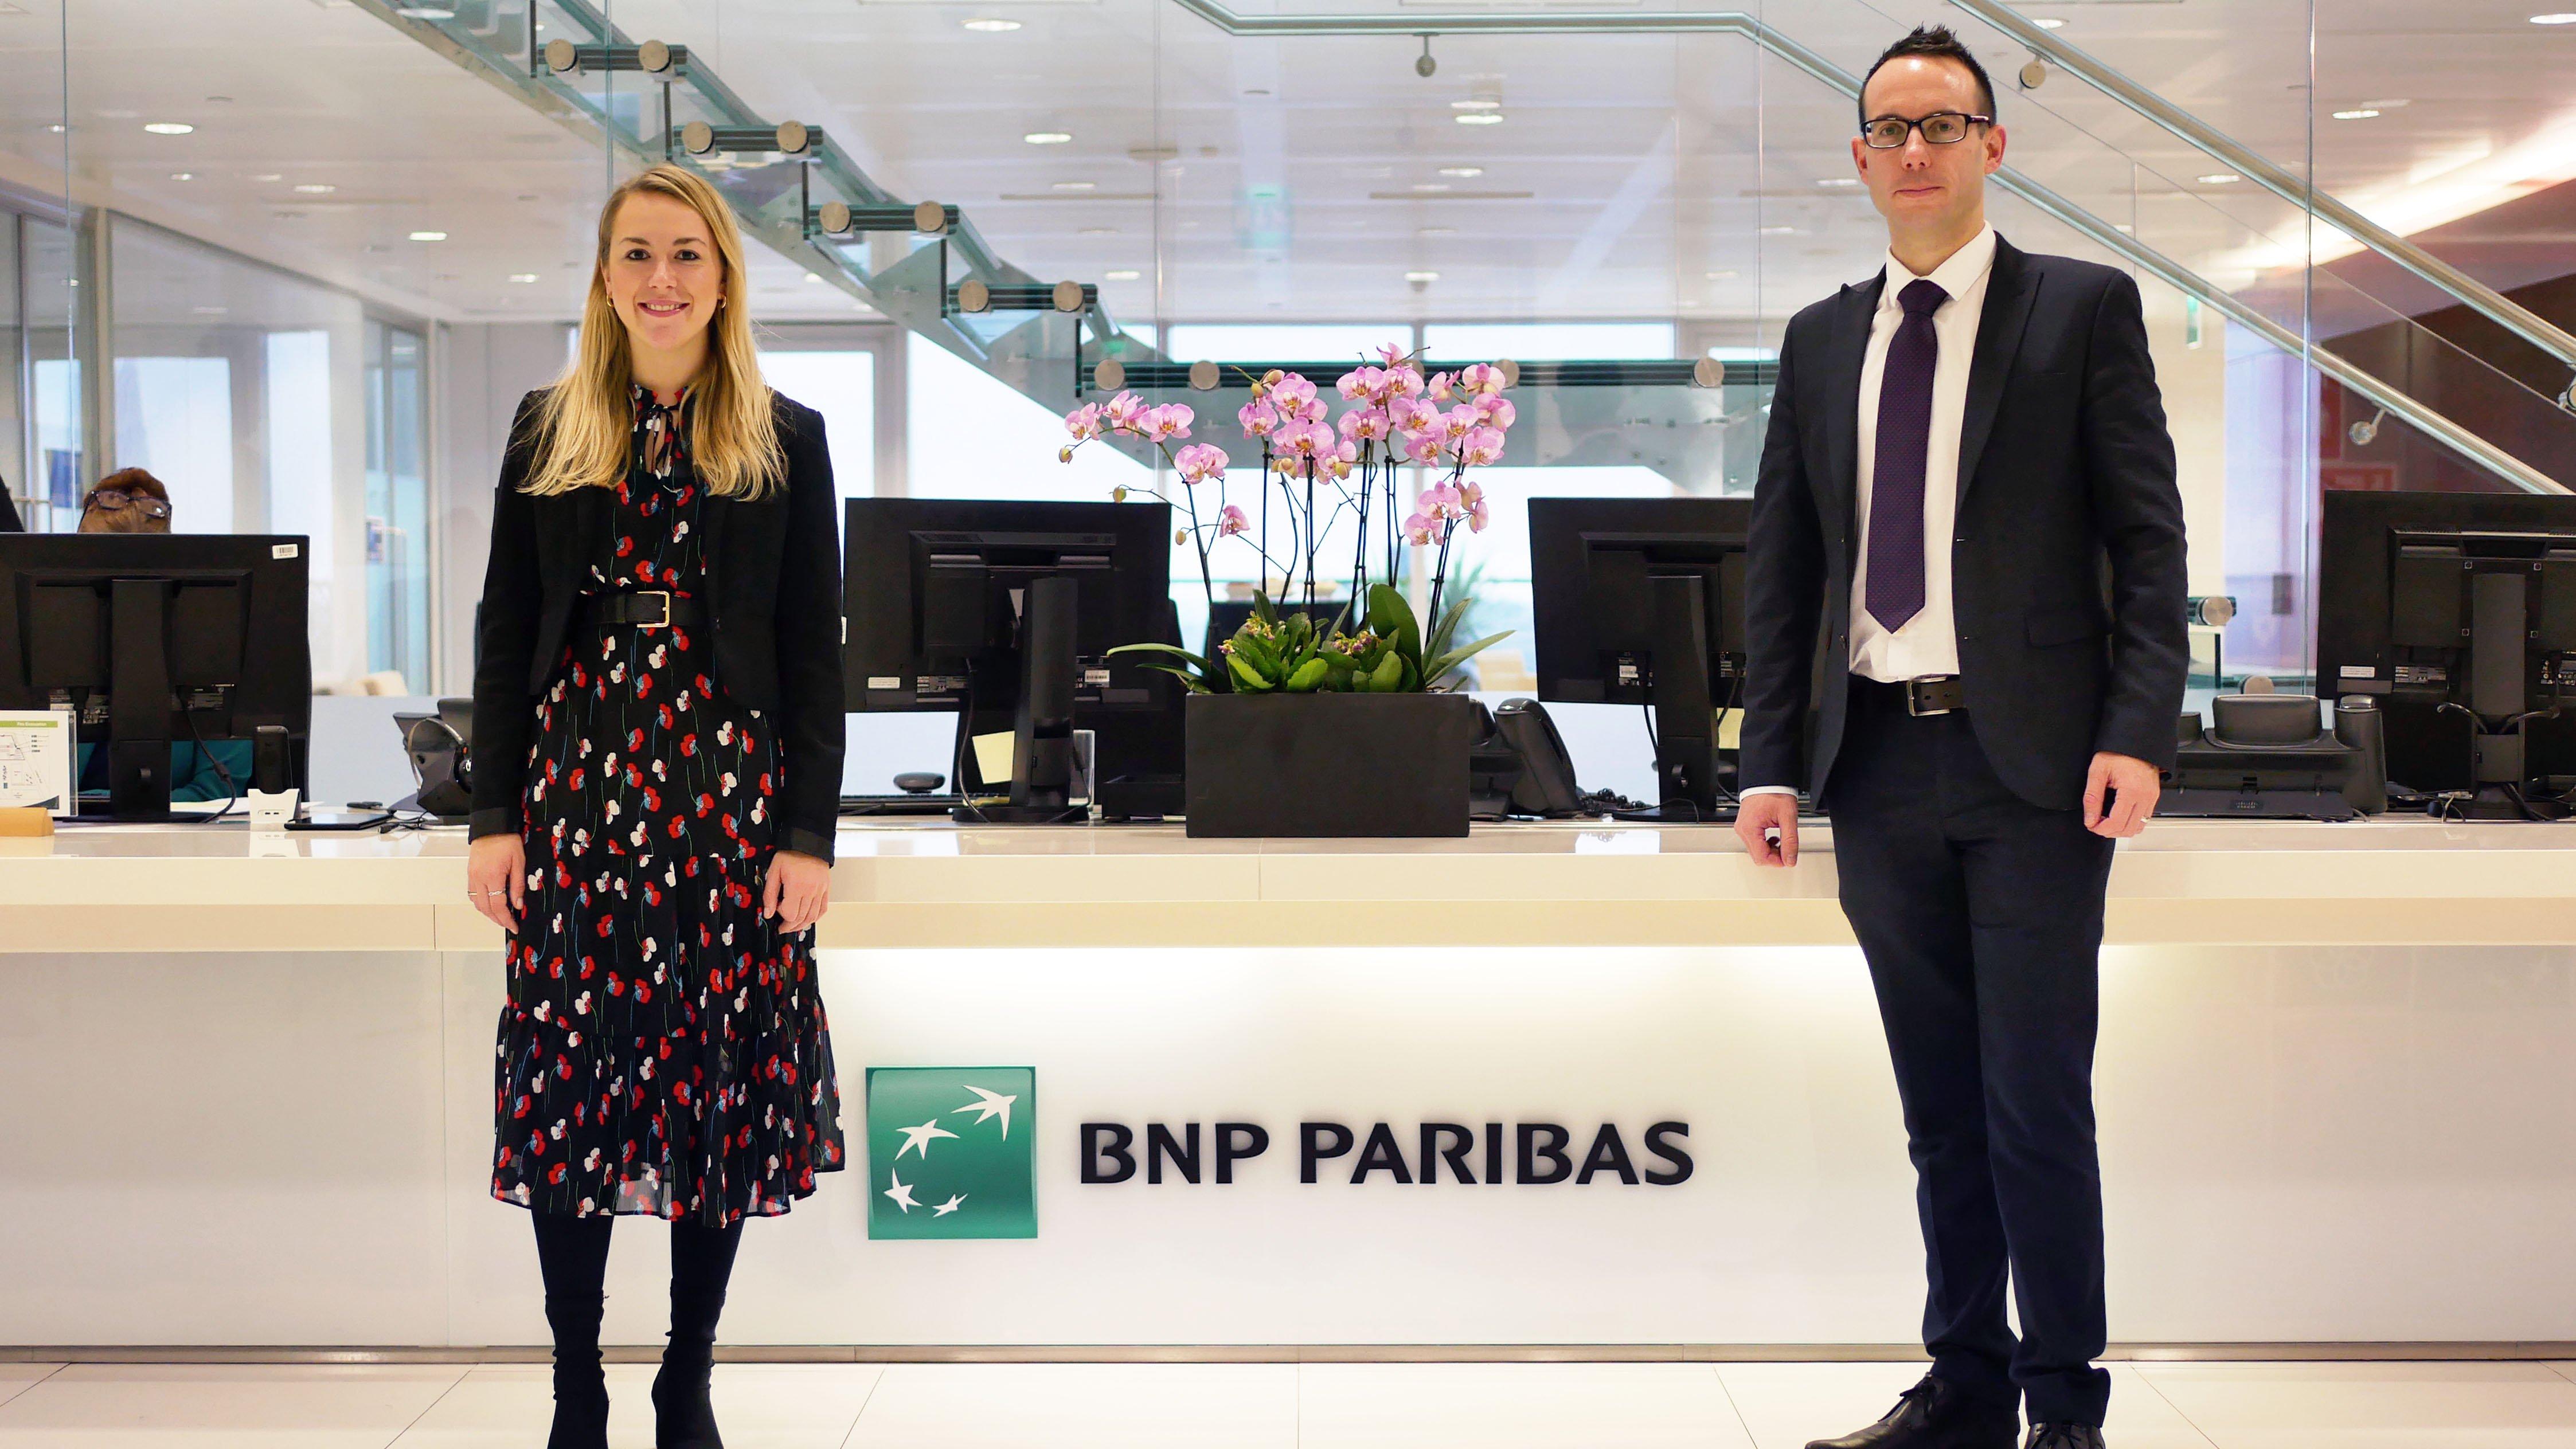 BNP Paribas-2